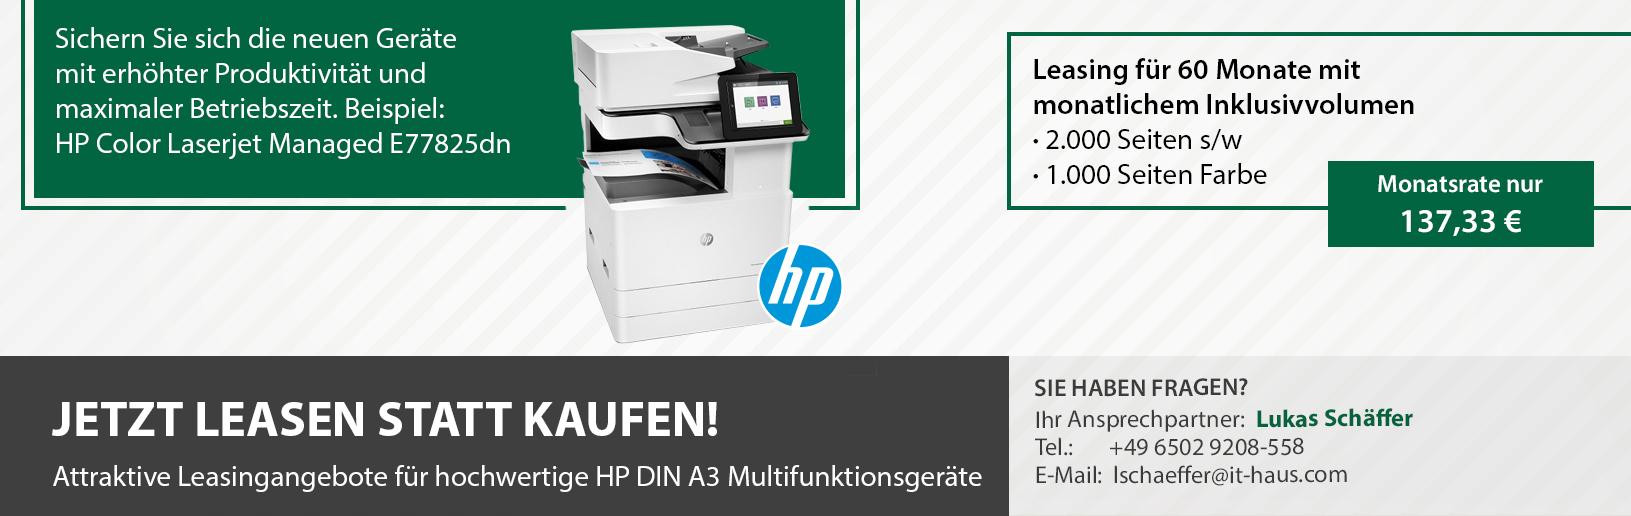 HP Drucker Leasing